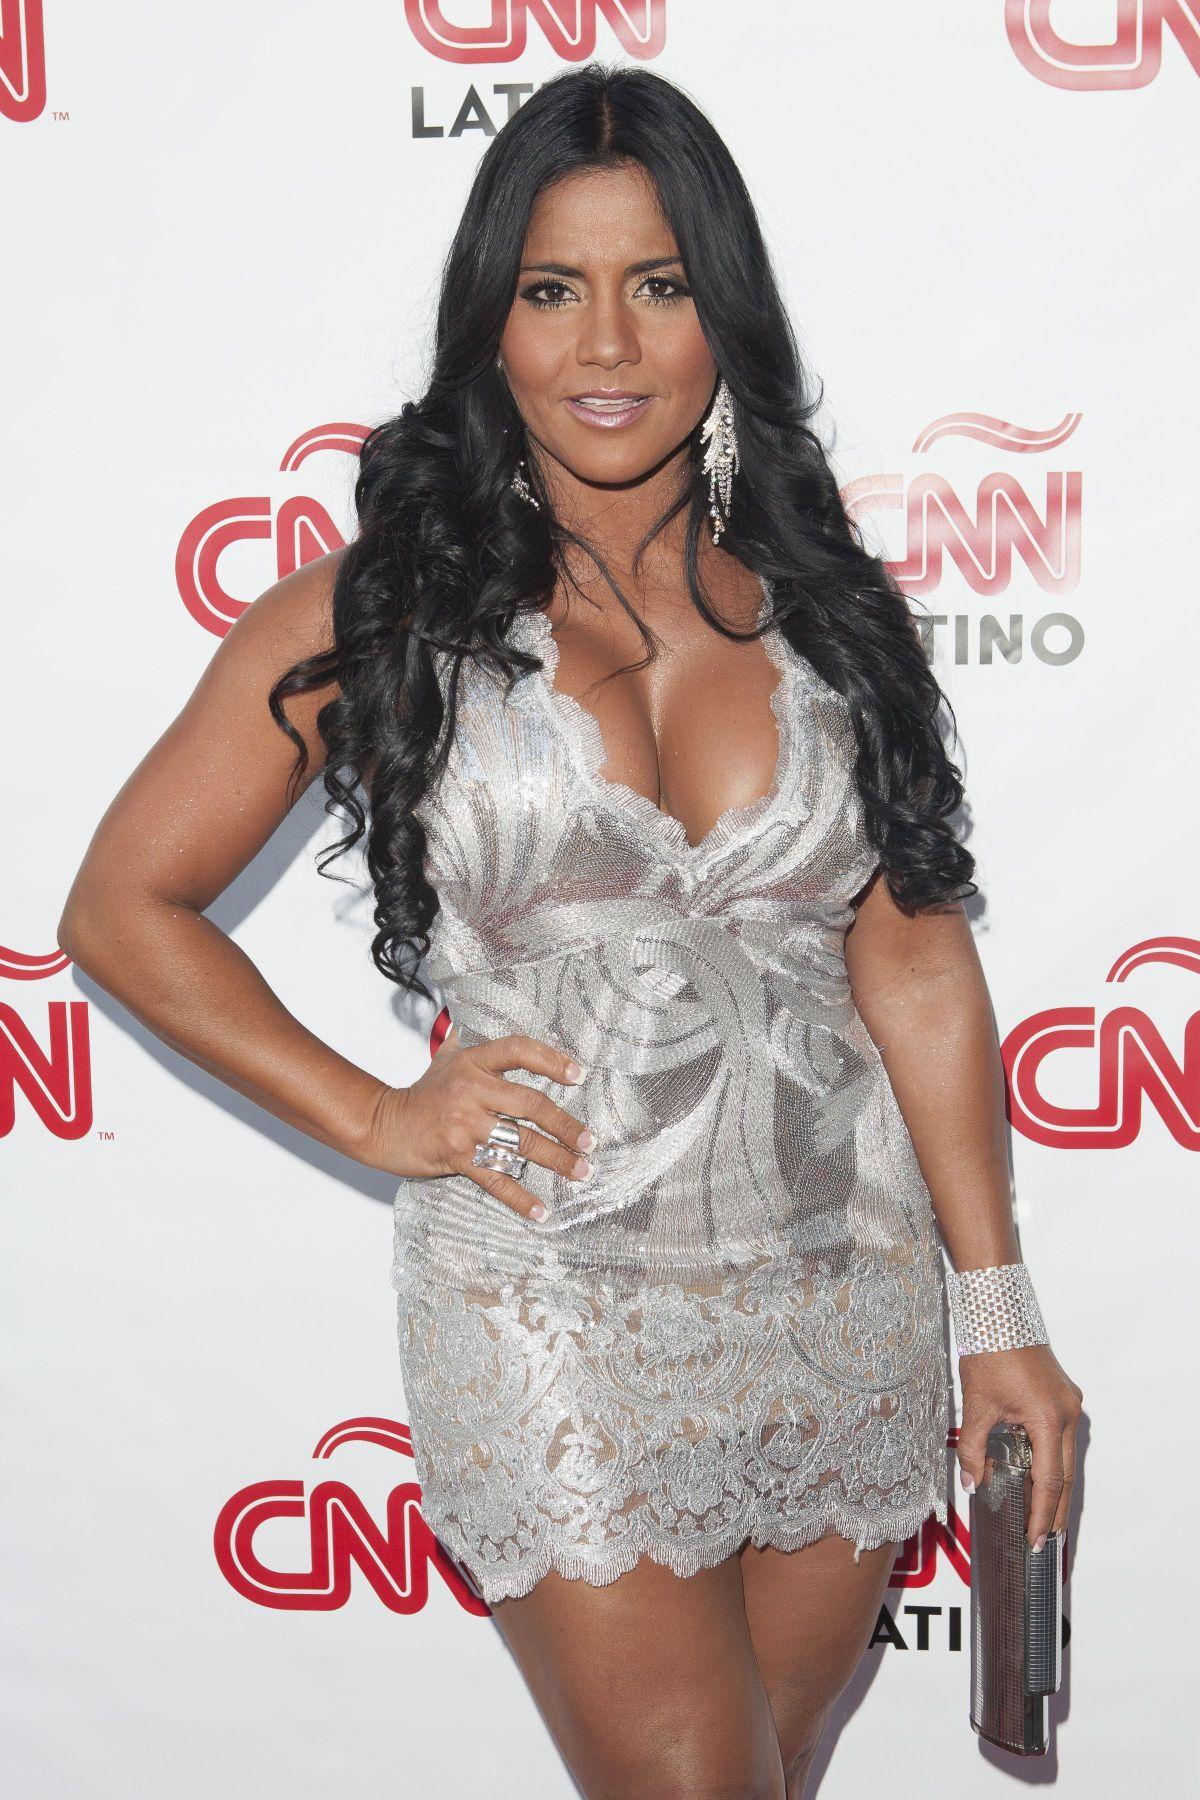 Completamente desnuda, Maripily Rivera bañó sus curvas en